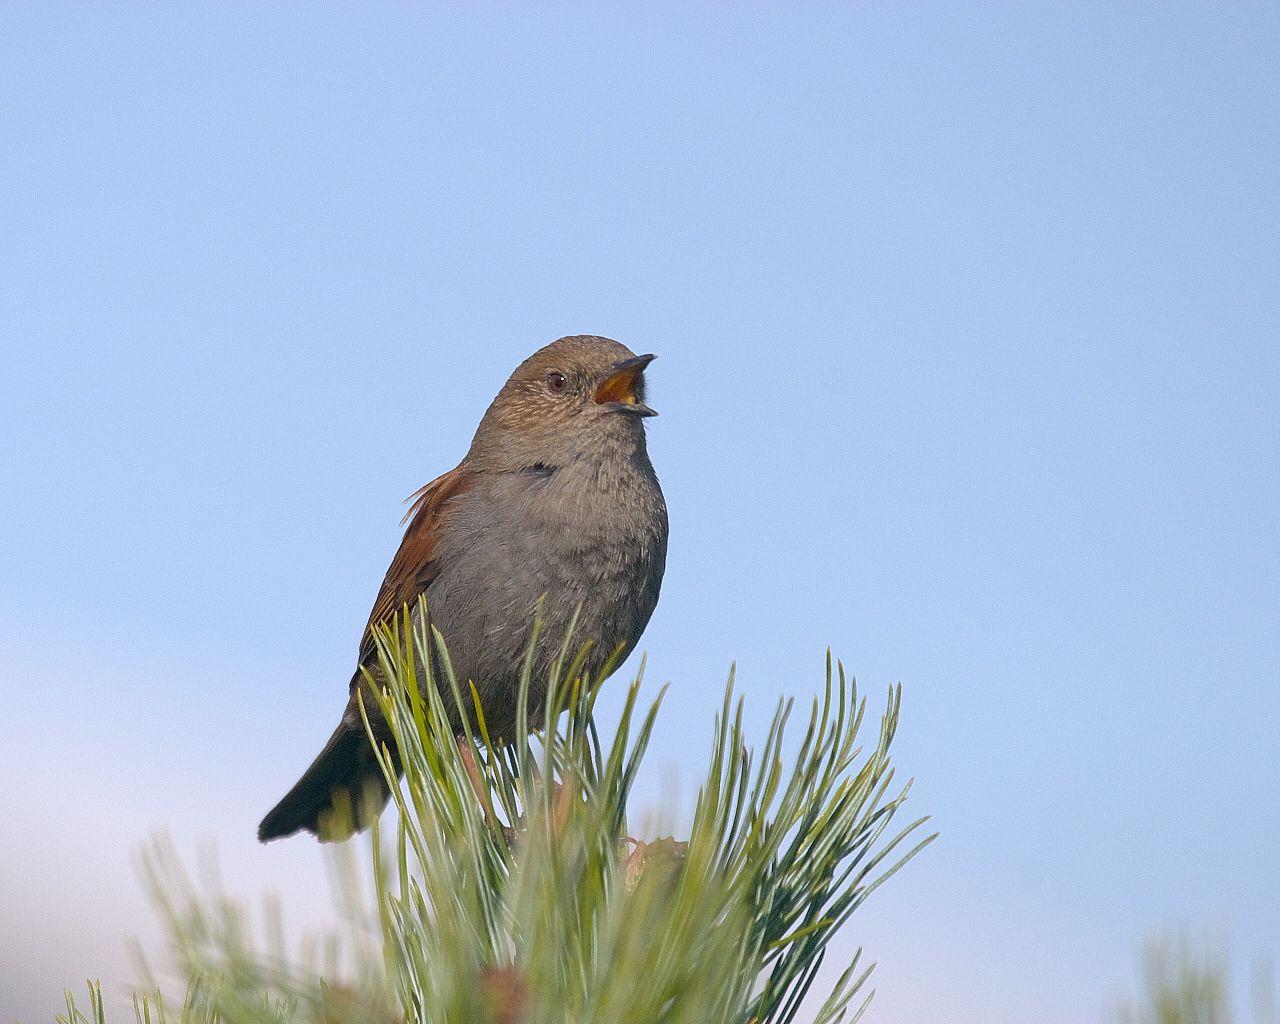 高山の鳥第三弾:カヤクグリの囀り(野鳥の壁紙)_f0105570_17295111.jpg